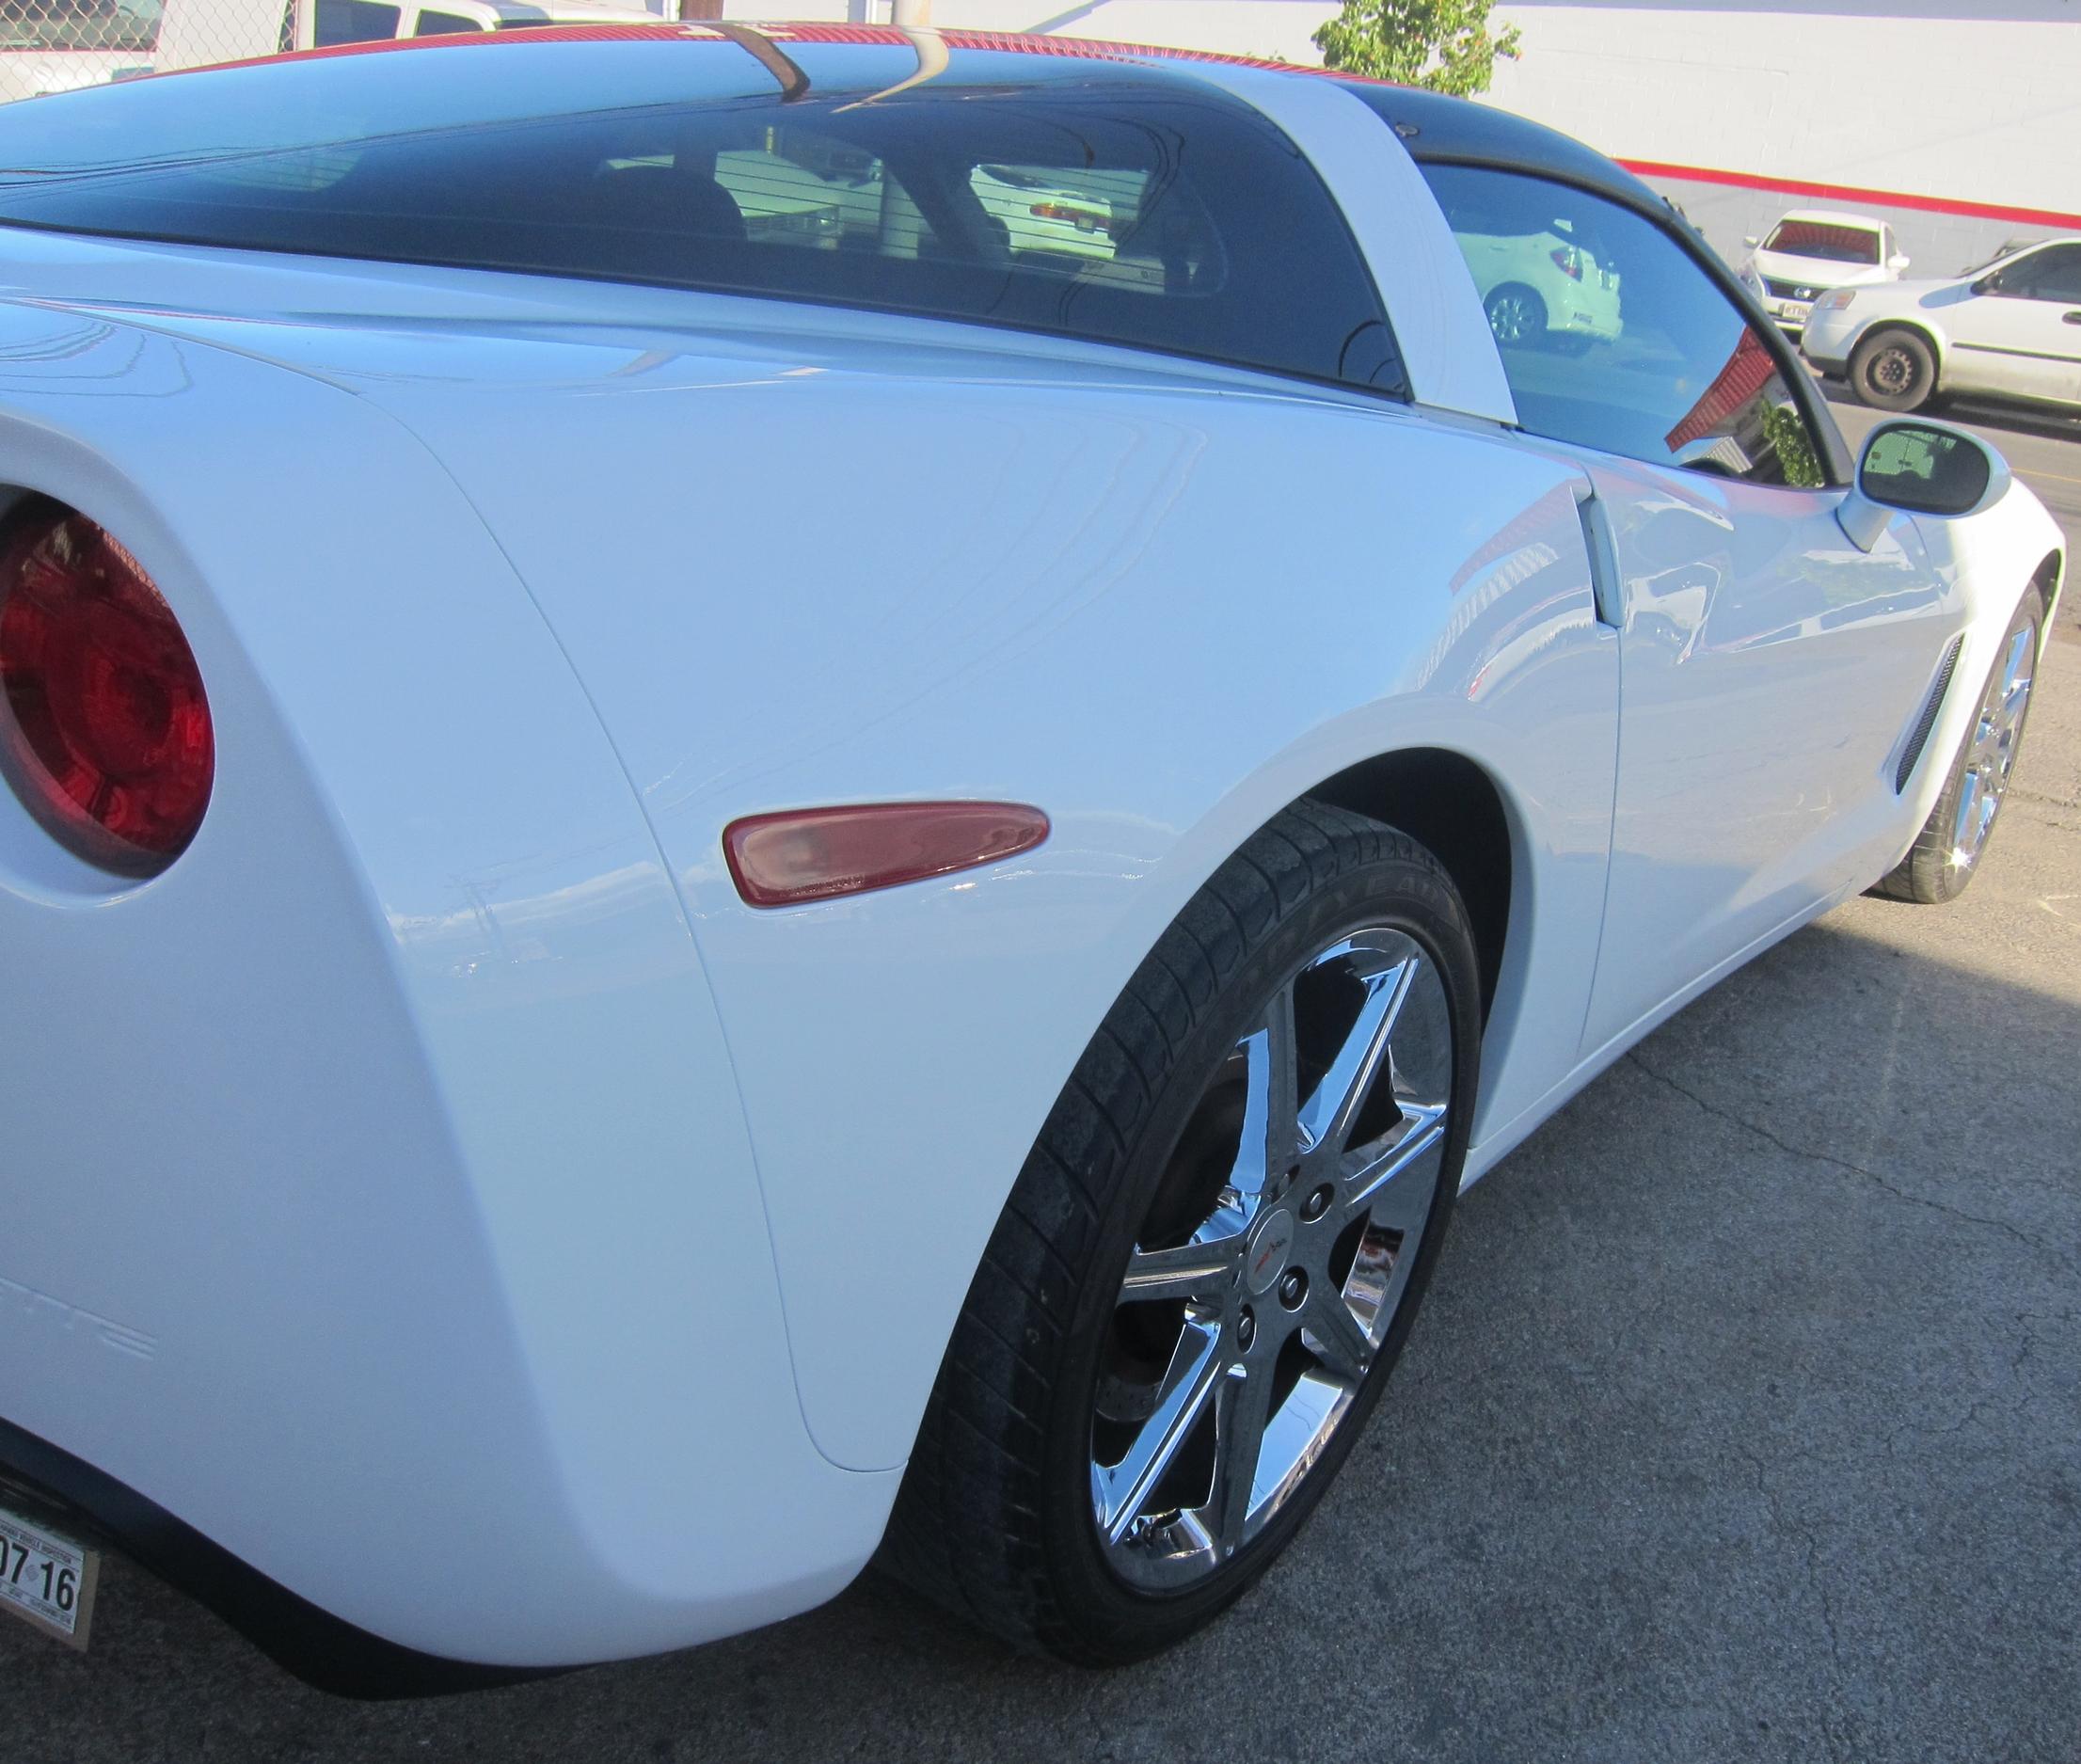 White Corvette (After).jpg